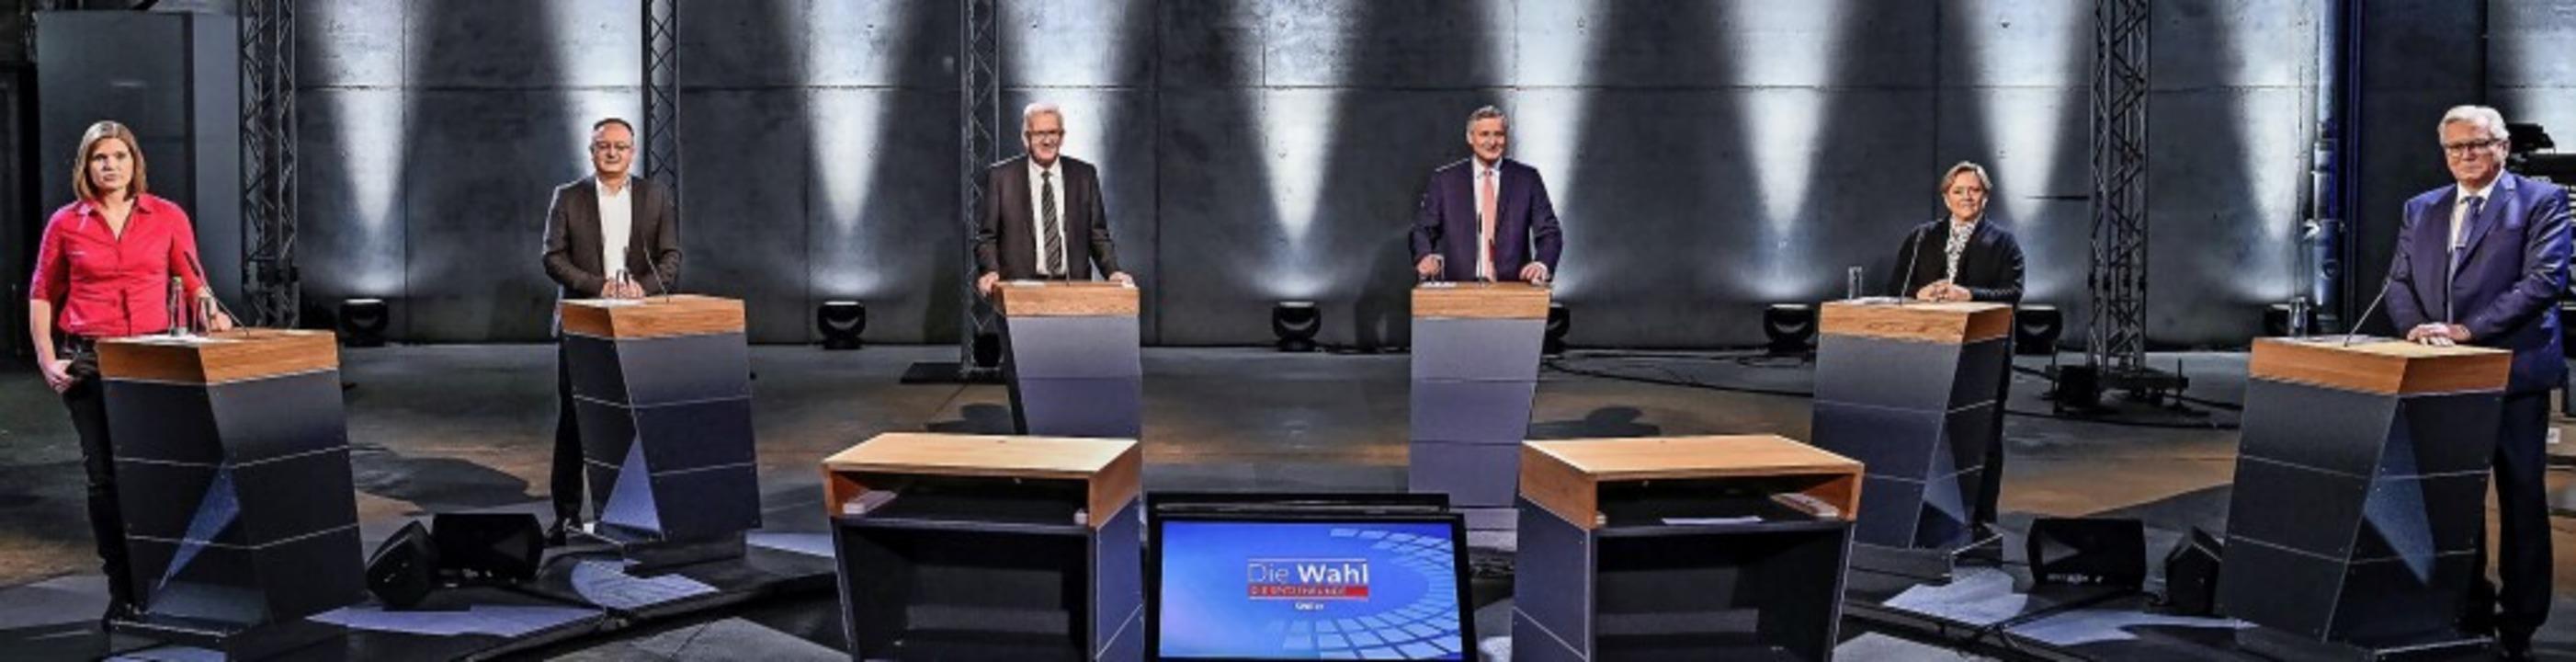 Sechs für den Südwesten: Die Spitzenka...isenmann (CDU) und Bernd Gögel (AfD).   | Foto: Patricia Neligan (dpa)